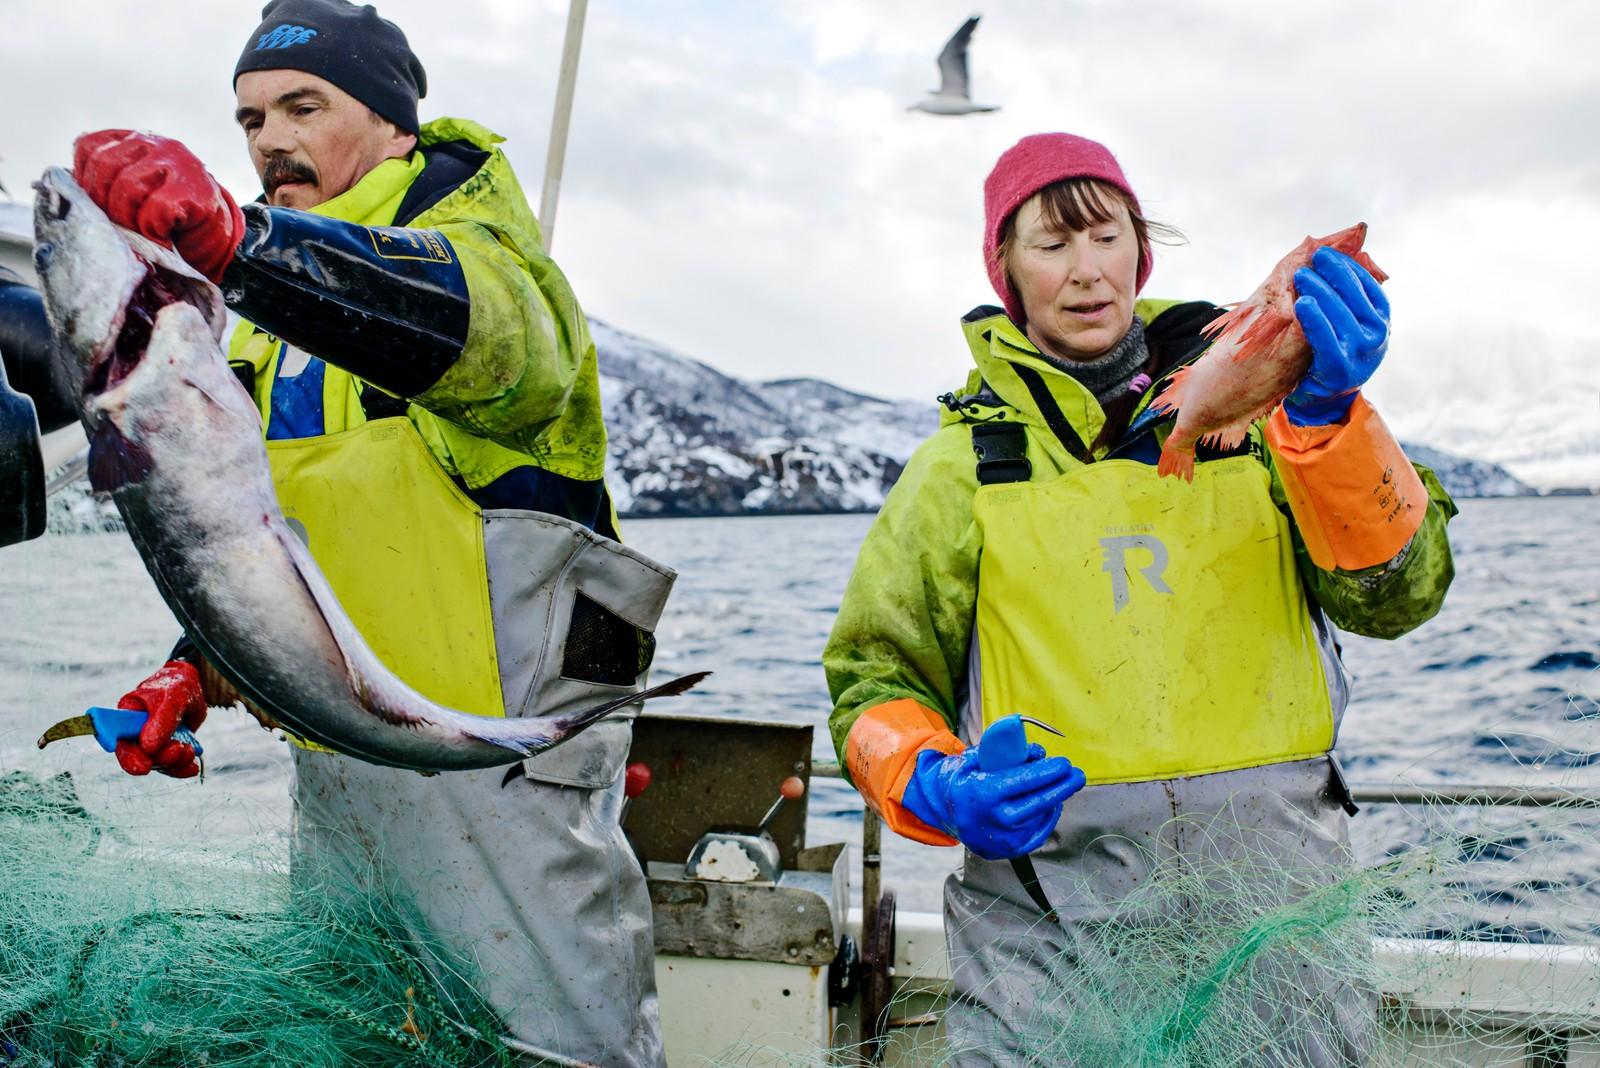 2. plass Klima og miljø: Katinka Hustad, frilans / Dagens Næringsliv. Kampen om havet: I årtier har ekteparet Trond Isaksen og Sigrid Iversen fisket i Kvænangsfjorden i Troms, men nå er levebrødet truet. Siden 1998 har Norge mer enn tredoblet sin produksjon av oppdrettslaks. Går alt etter planen, skal produksjonen femdobles innen 2050 – og nå har verdens største oppdrettsselskap, Marine Harvest, funnet veien hit.